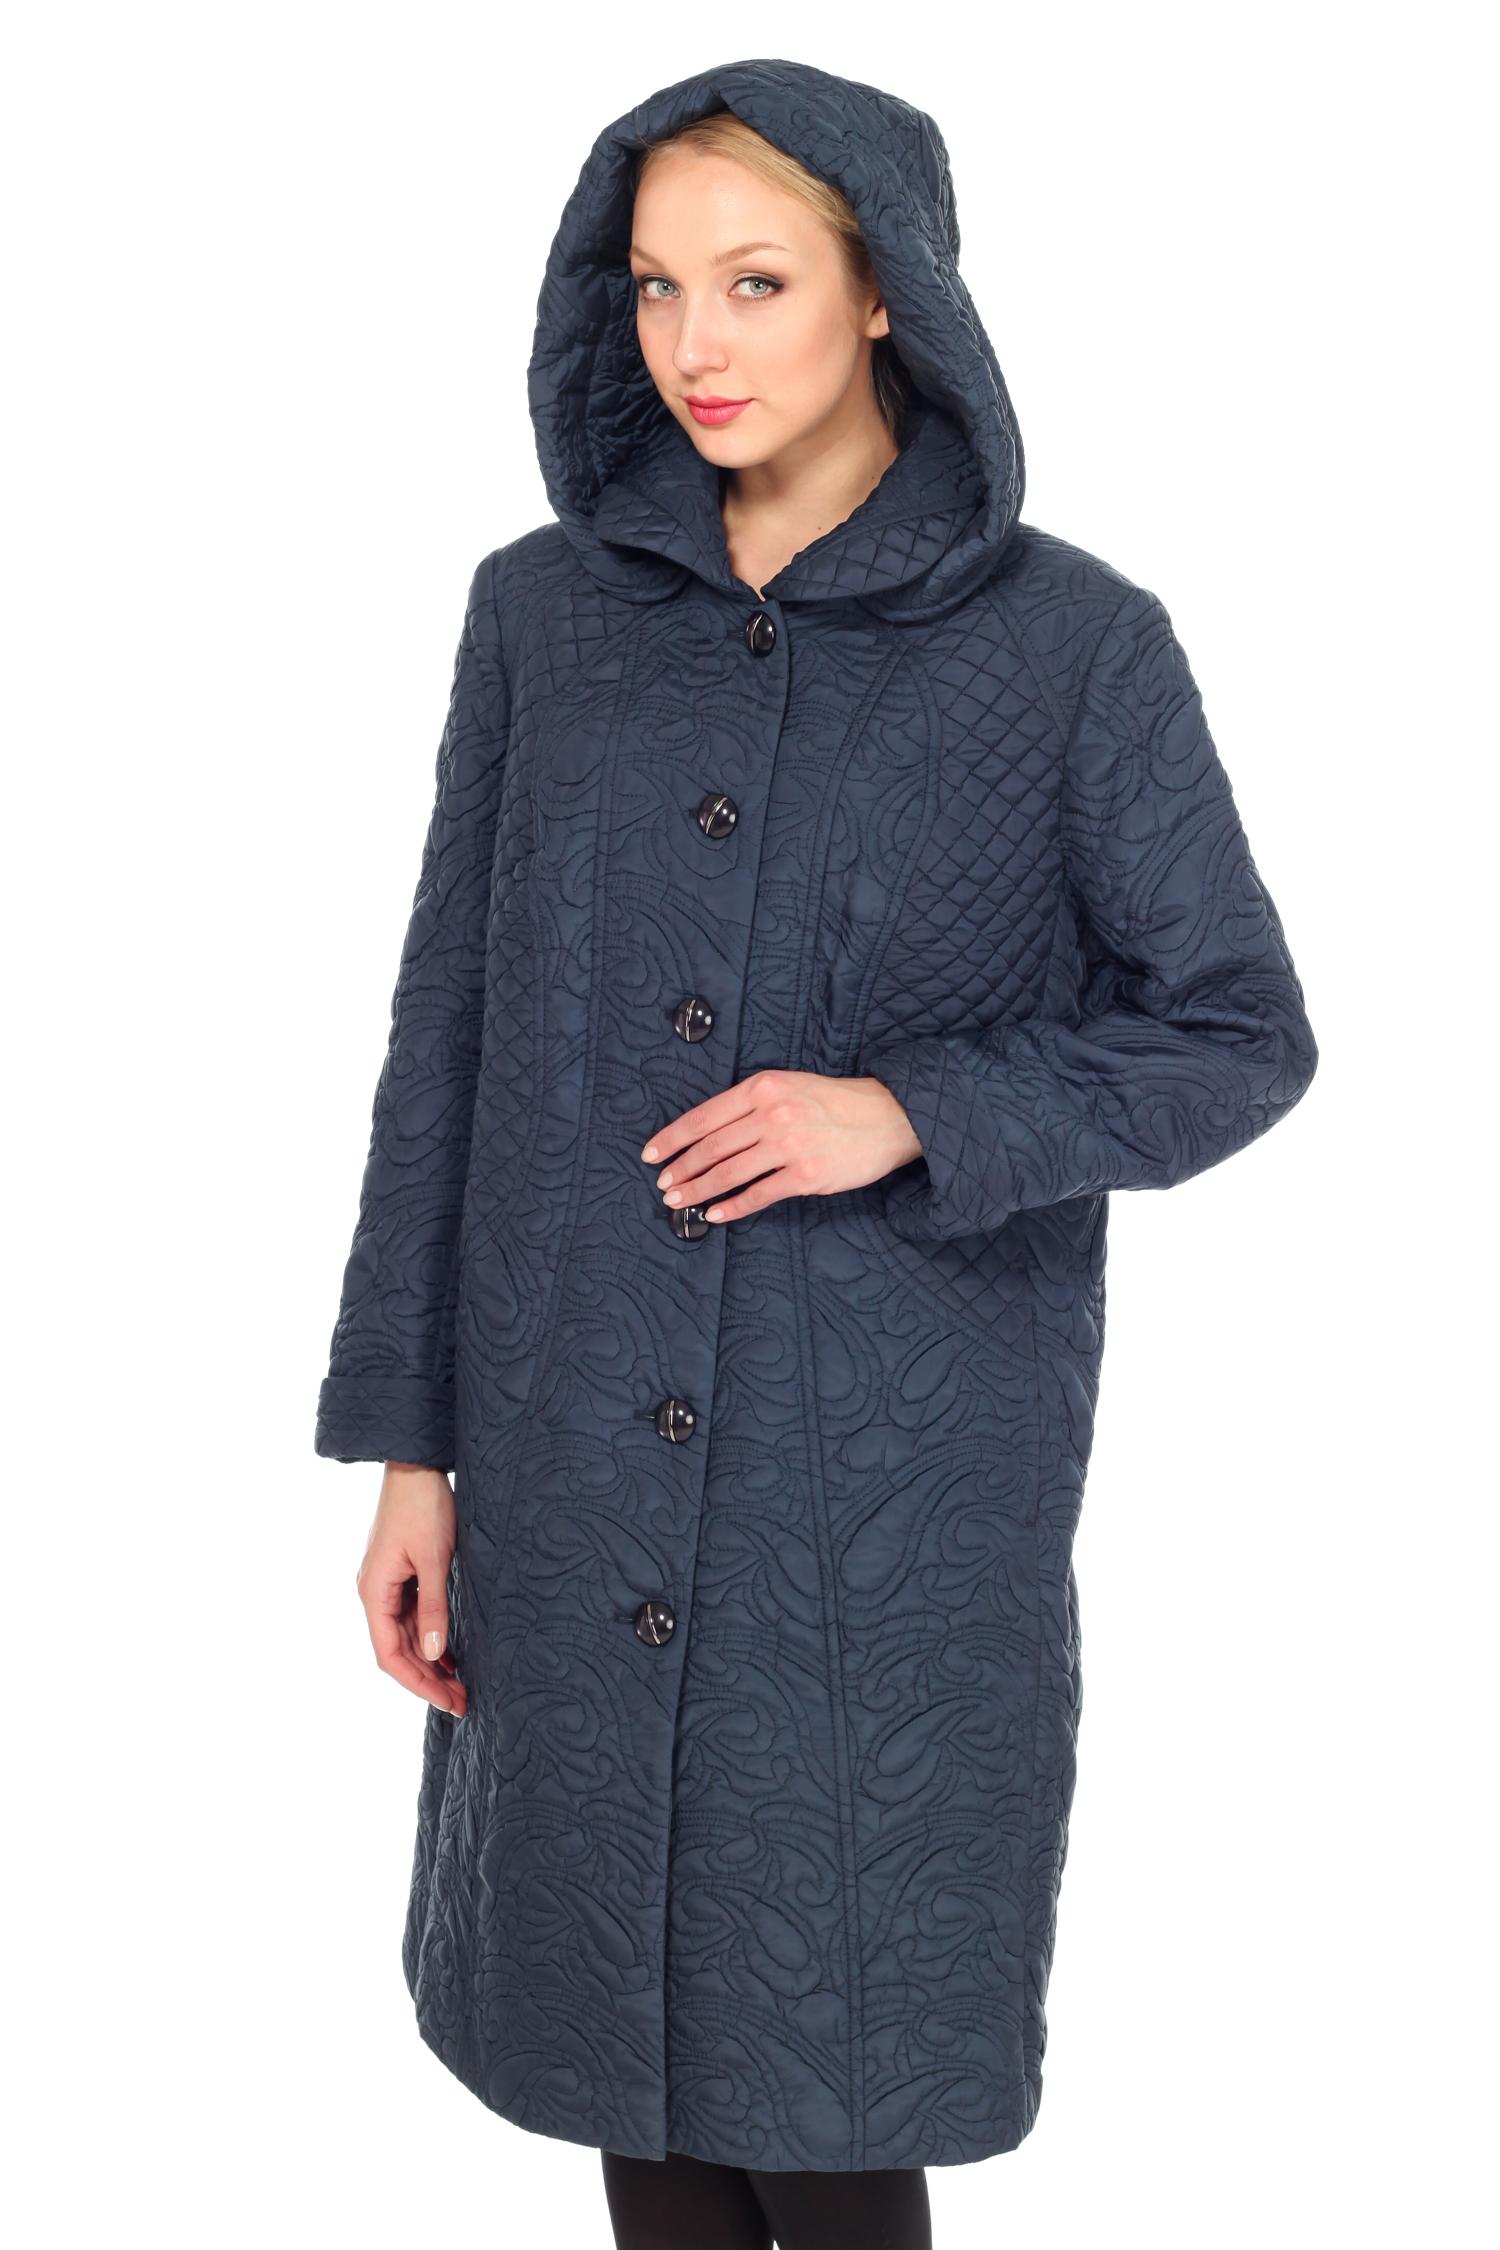 Женское пальто с капюшоном, без отделки<br><br>Воротник: Отложной/капюшон<br>Длина см: 100<br>Материал: 100% полиэстер<br>Цвет: Синий<br>Пол: Женский